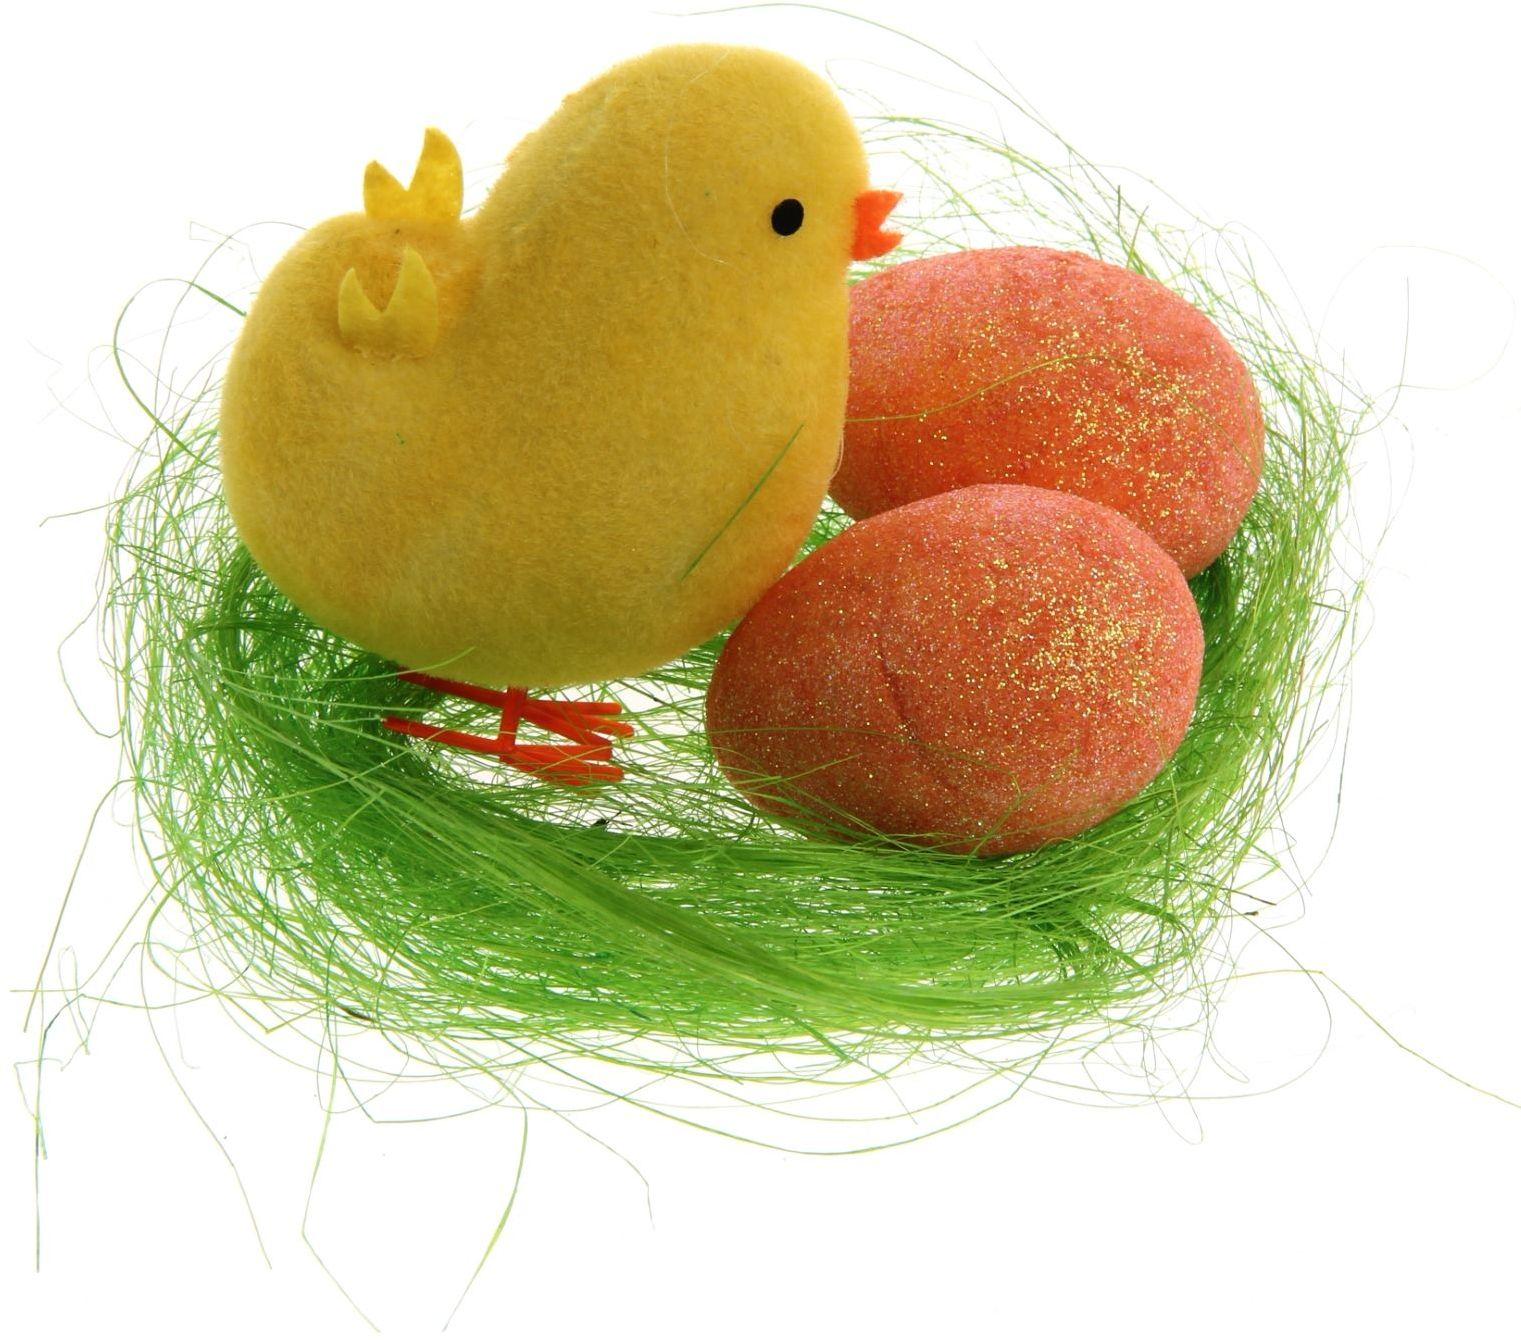 Сувенир пасхальный Sima-land Цыплёнок на травке, 6 х 6 х 10 см10850/1W GOLD IVORYДарить подарки на Пасху – это такая же традиция, как красить яйца и выпекать куличи. Презенты вдвойне приятнее, если они несут в себе сакральный смысл и имеют какое-то значение.Сувенир Цыплёнок на травке, цвета МИКС - это символ возрождения и непрерывности жизни. С его помощью вы сможете украсить жилище, преподнести его близкому человеку или использовать при сервировке стола всю пасхальную неделю. Кроме того, пасхальные цыплята нравятся маленьким деткам.